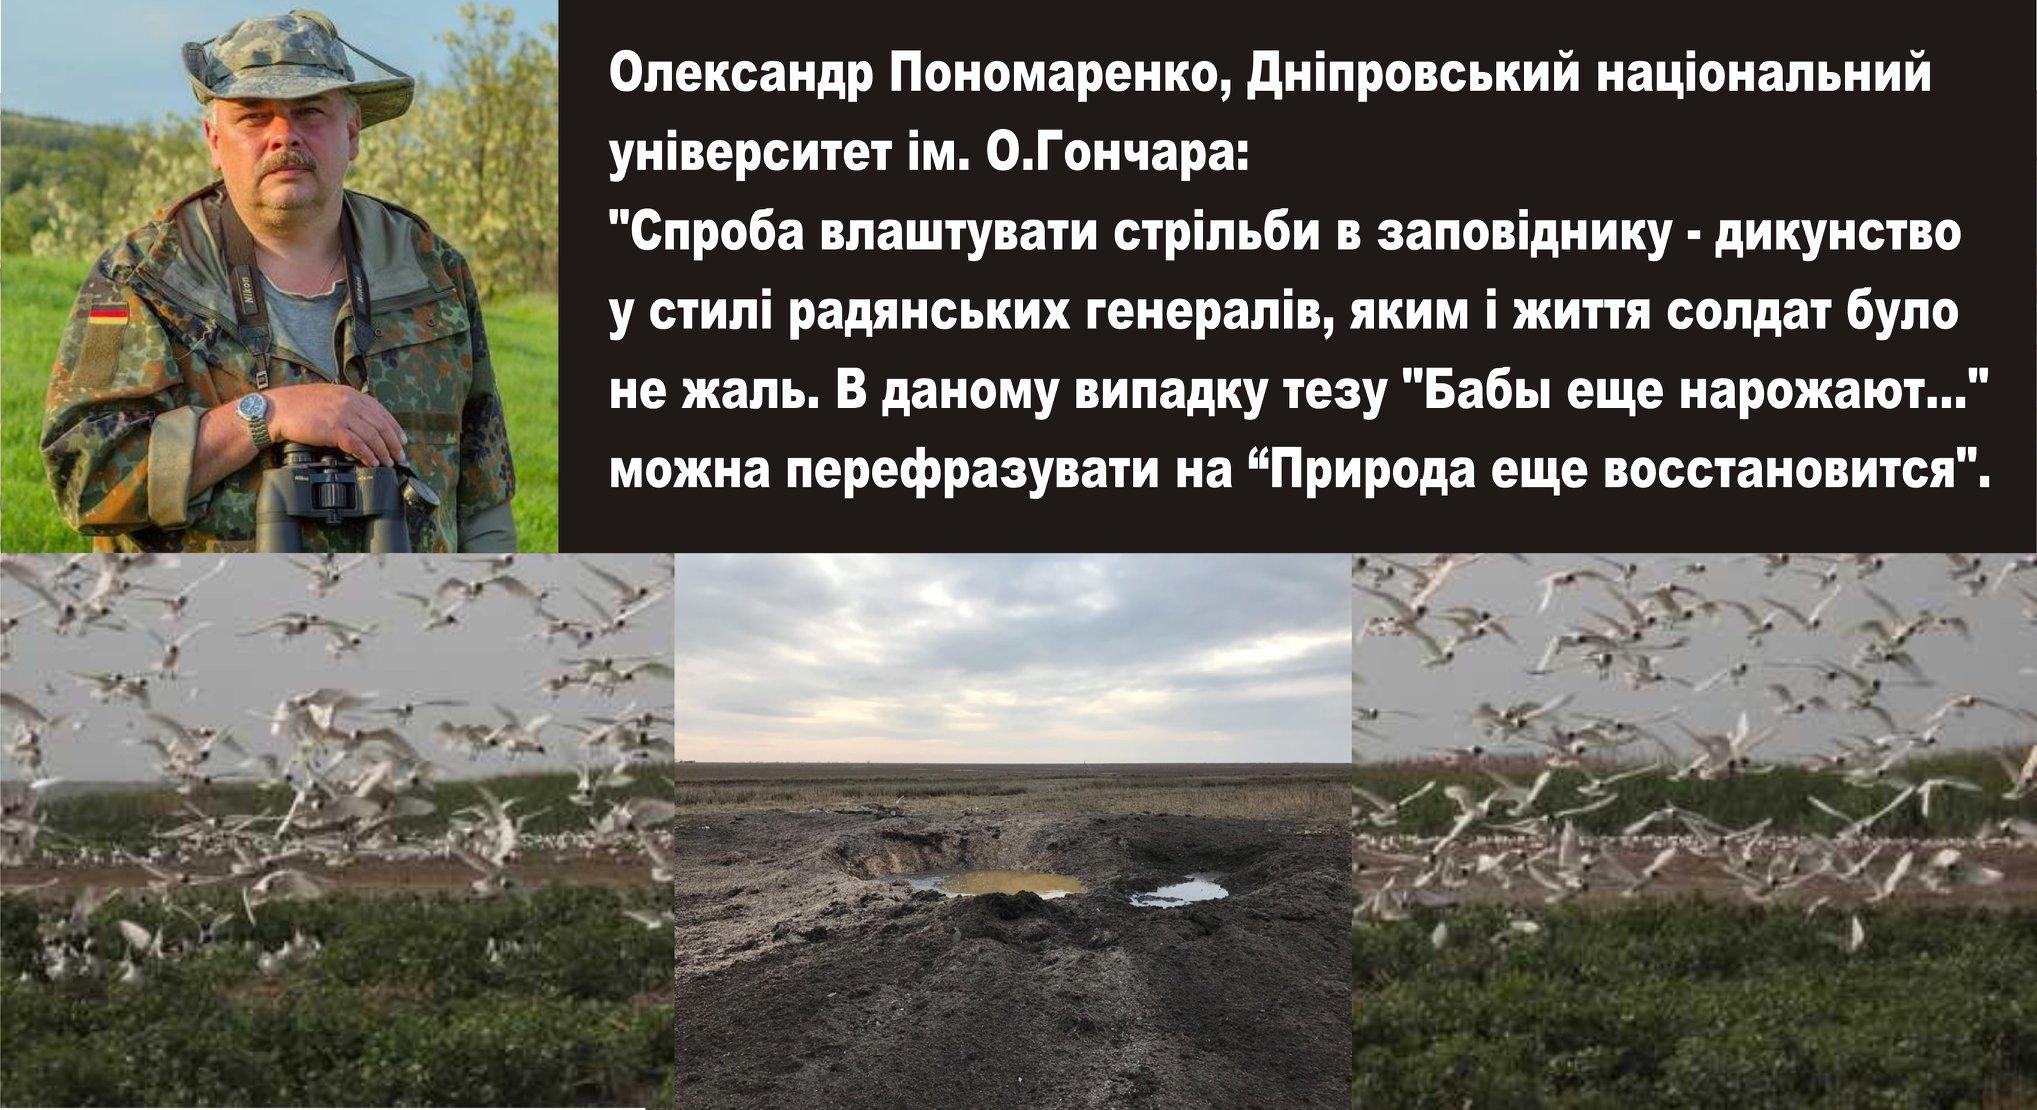 Олександр Пономаренко, Дніпровський національний університет ім. О.Гончара